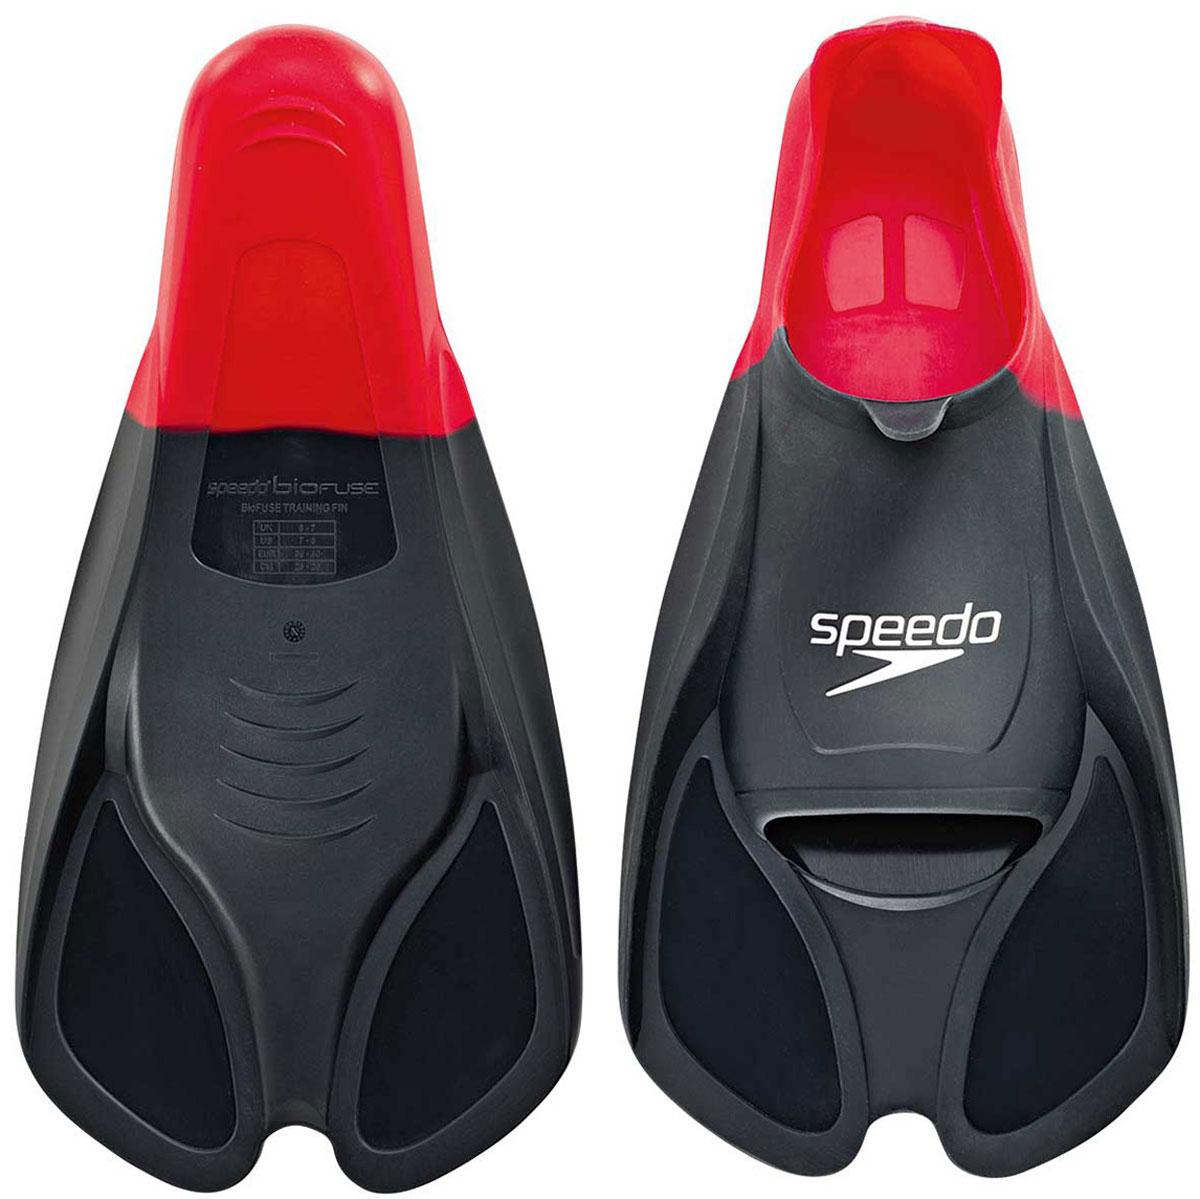 Ласты для плавания Speedo, цвет: красный. Размер 6-7. 8-0884139918-088413991_красный(6-7)Speedo Biofuse Training Fins являются незаменимым аксессуаром для тренировки силы ног, при создании которого использовалась технология SpeedoBiofuse®. Не случайно эти ласты для плавания предпочитает использовать многократный олимпийский чемпион Майкл Фелпс. Достаточно жесткие лопасти позволяют создать мощную тягу в воде при естественном темпе работы ног. Специальный узор на поверхности подошвы позволяет получить надежное сцепление с поверхностью бассейна. Форма башмака Speedo Biofuse Training Fin способствует развитию гибкости стопы, что позволяет сделать работу ног более эффективной. Башмак изготовлен из мягкого силикона, который не натирает кожу и прекрасно растягивается. Ласты для плавания Speedo Biofuse Tech Fin отлично подходят для тренировки работы ног в спринте, а также для повышения качества работы ног во время обучения плаванию. Специалисты Proswim.ru рекомендуют Speedo Biofuse Training Fin спортсменам-спринтерам, а также всем, кто имеет желание увеличить силу ног. Ласты для...